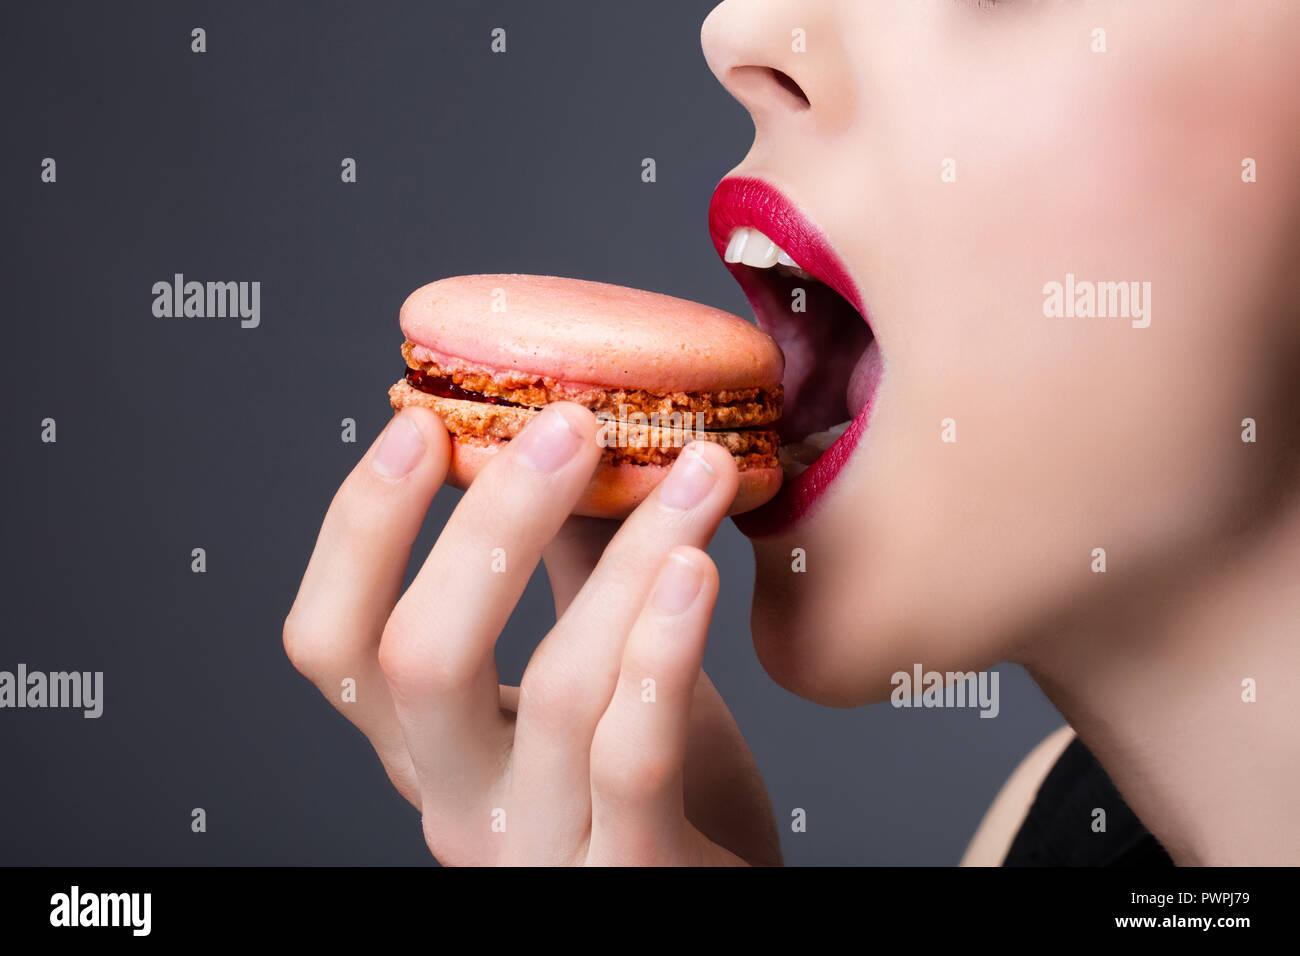 Disparo apretado de una chica disfrutando de un macaroon Imagen De Stock